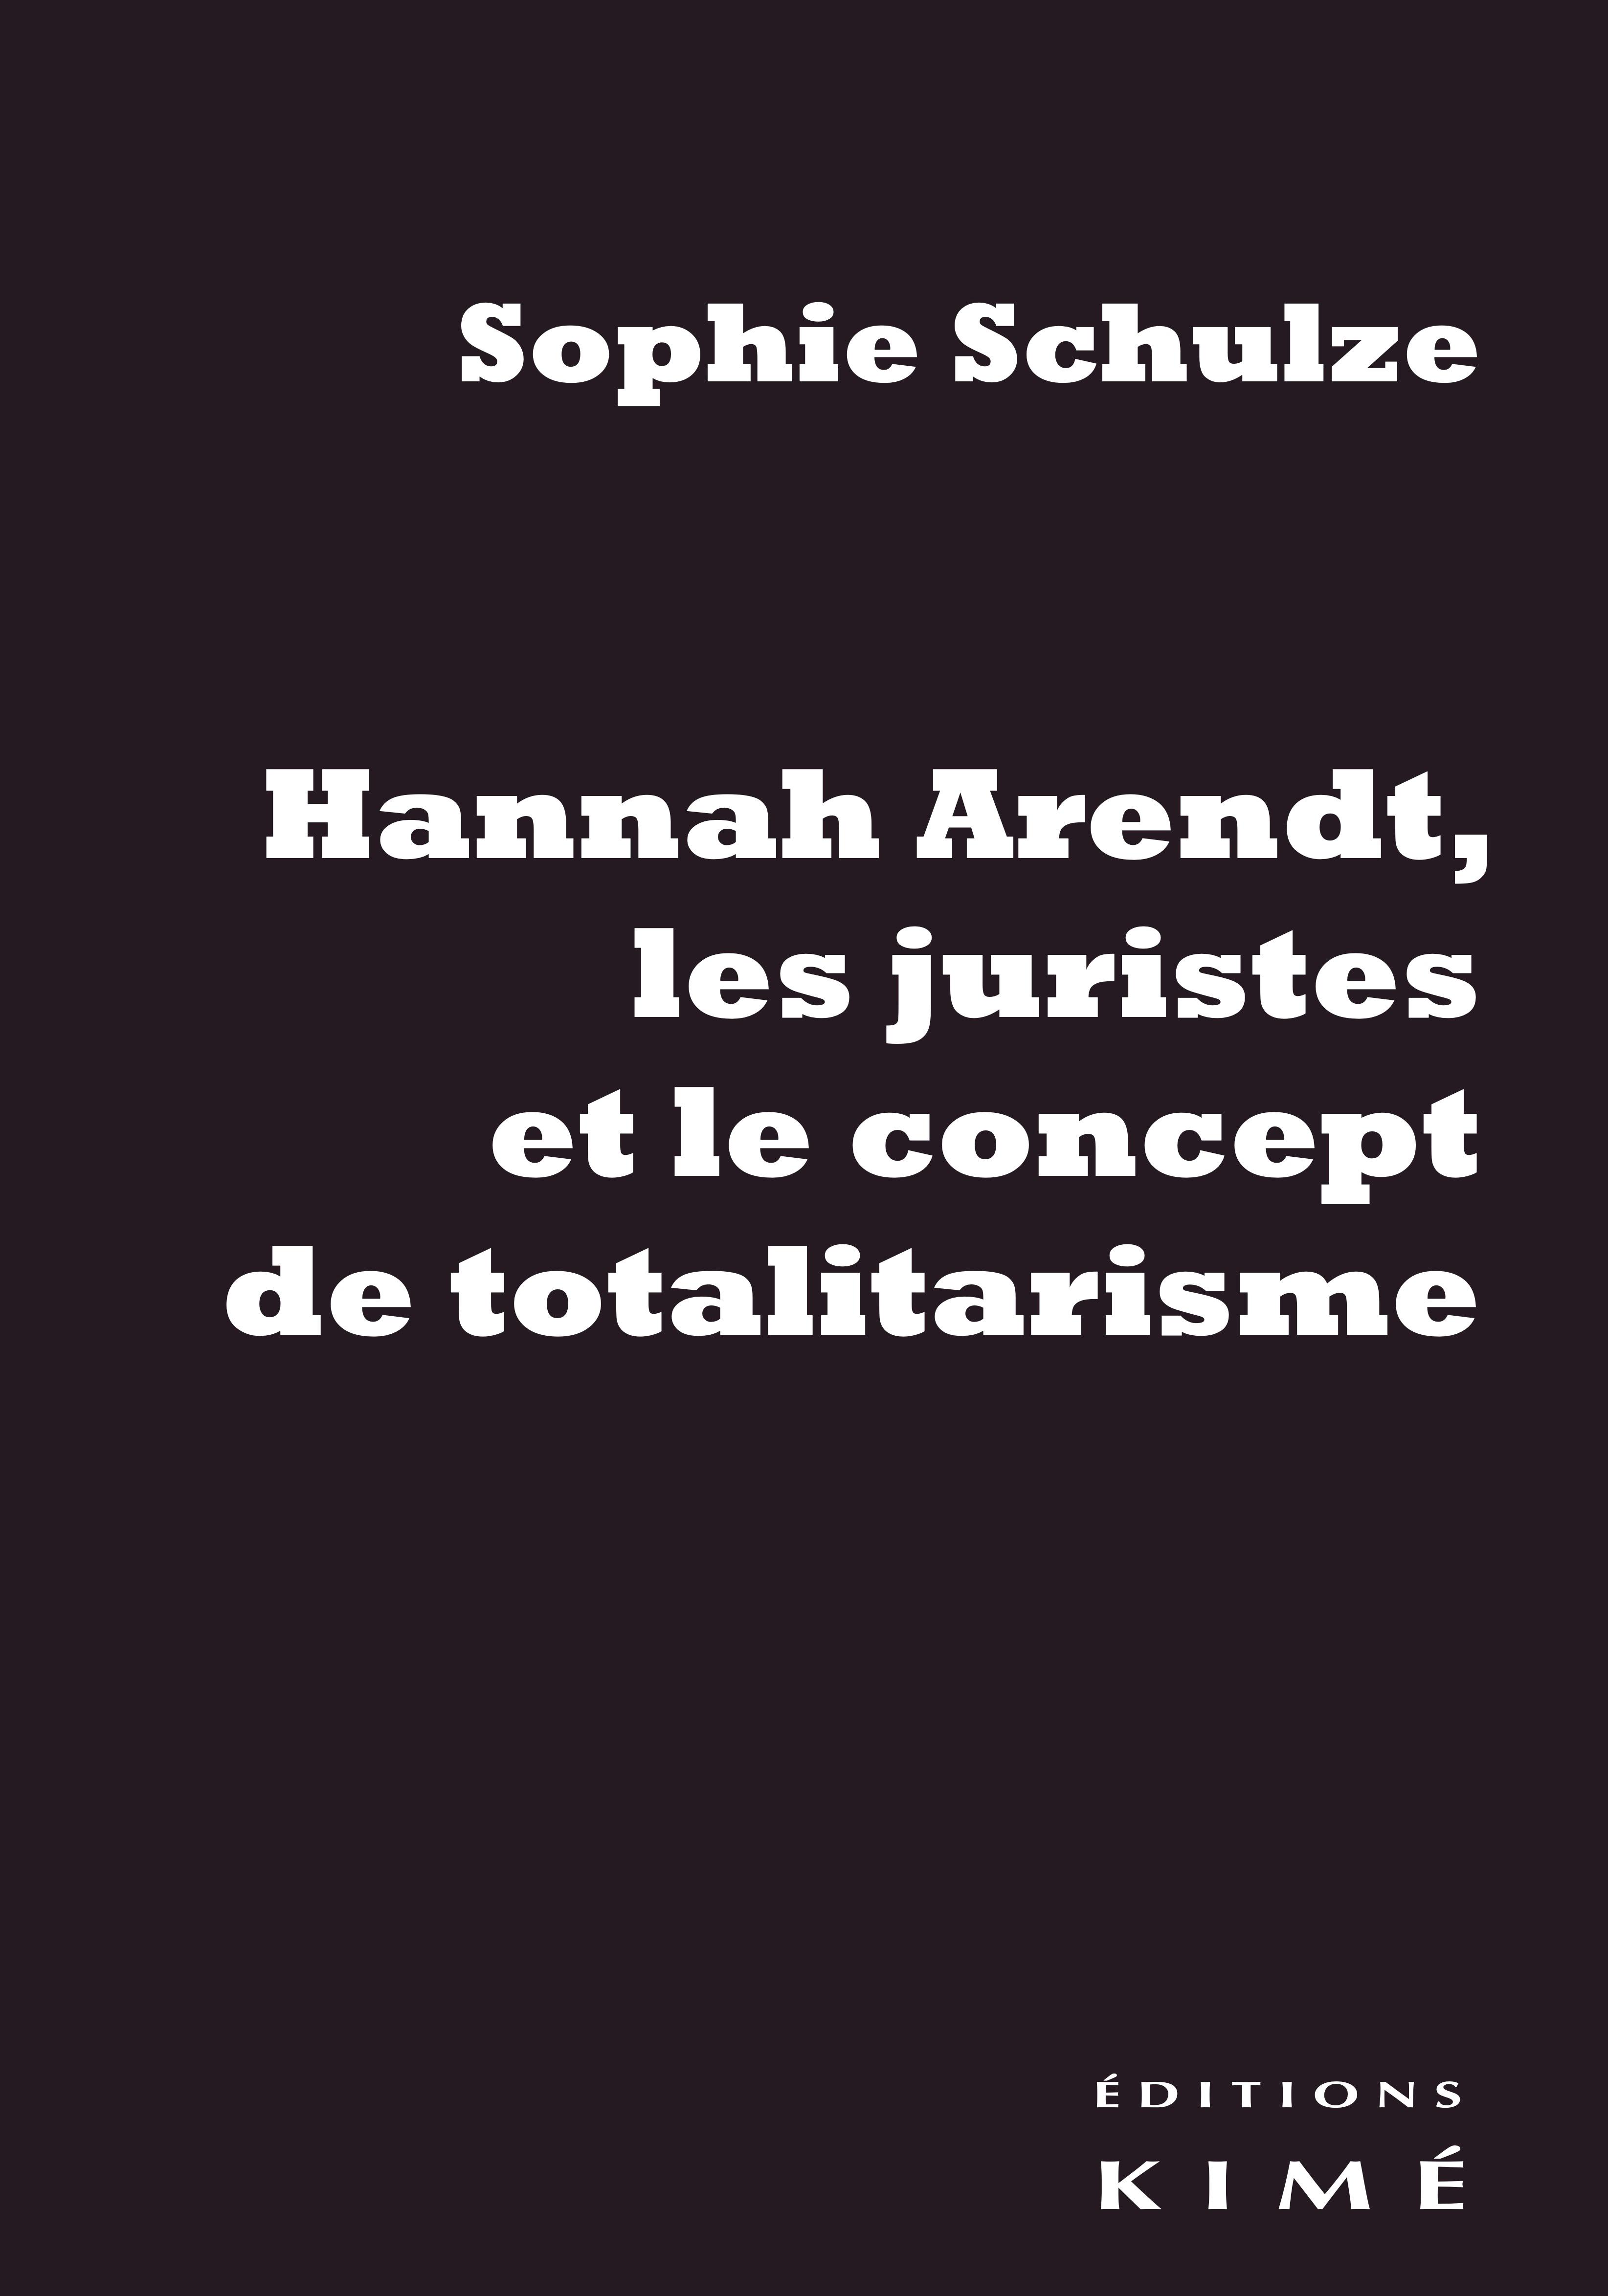 HANNAH ARENDT, LES JURISTES ET LE CONCEPT DE TOTALITARISME